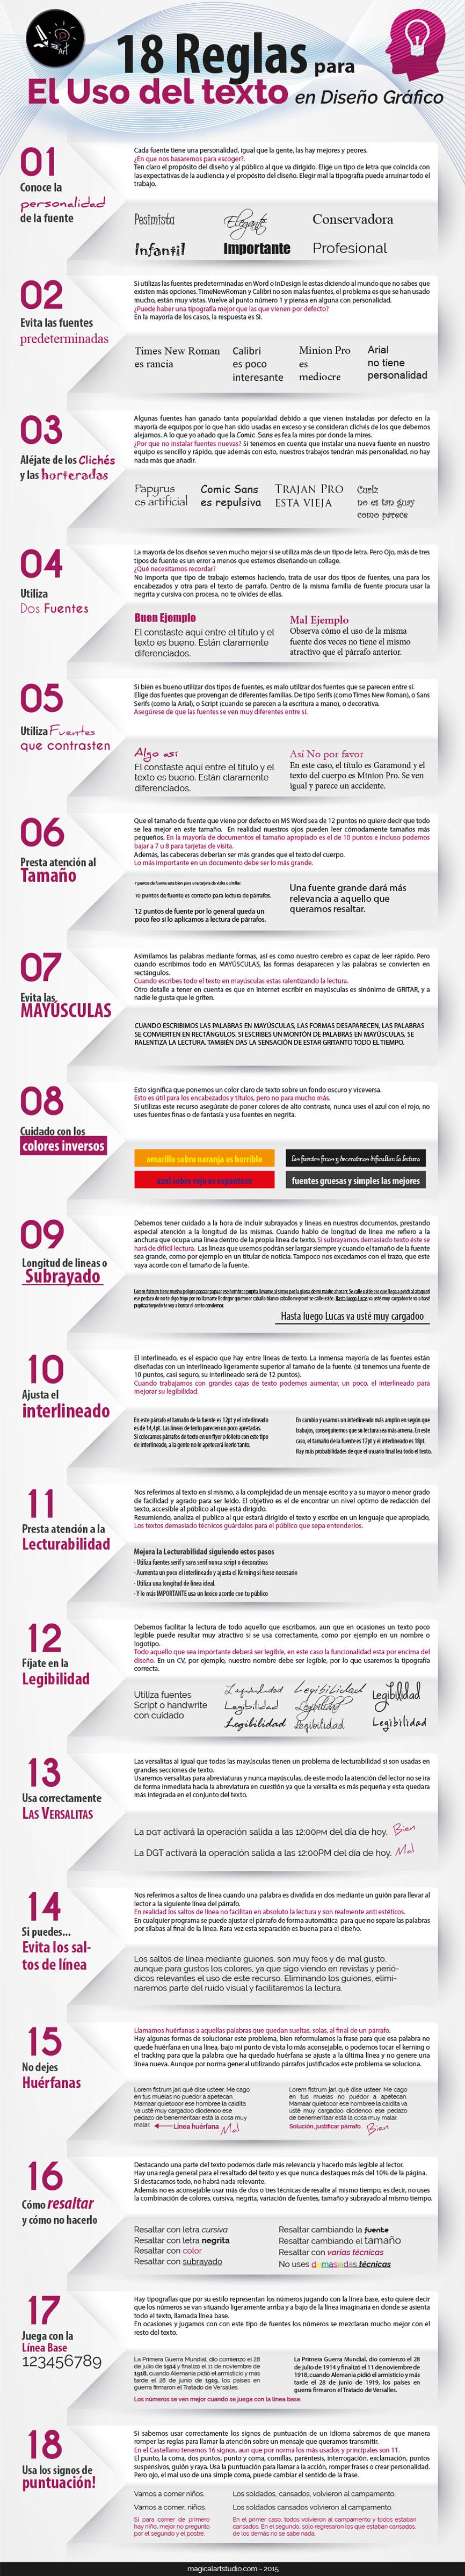 18-reglas-uso-del-texto